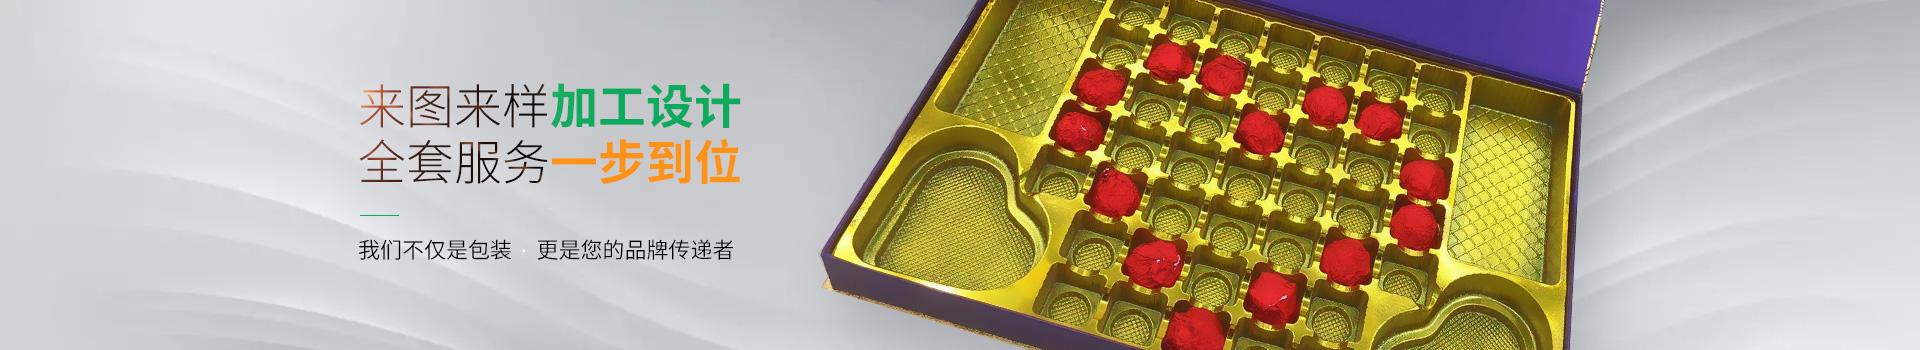 耀达吸塑-巧克力吸塑盒